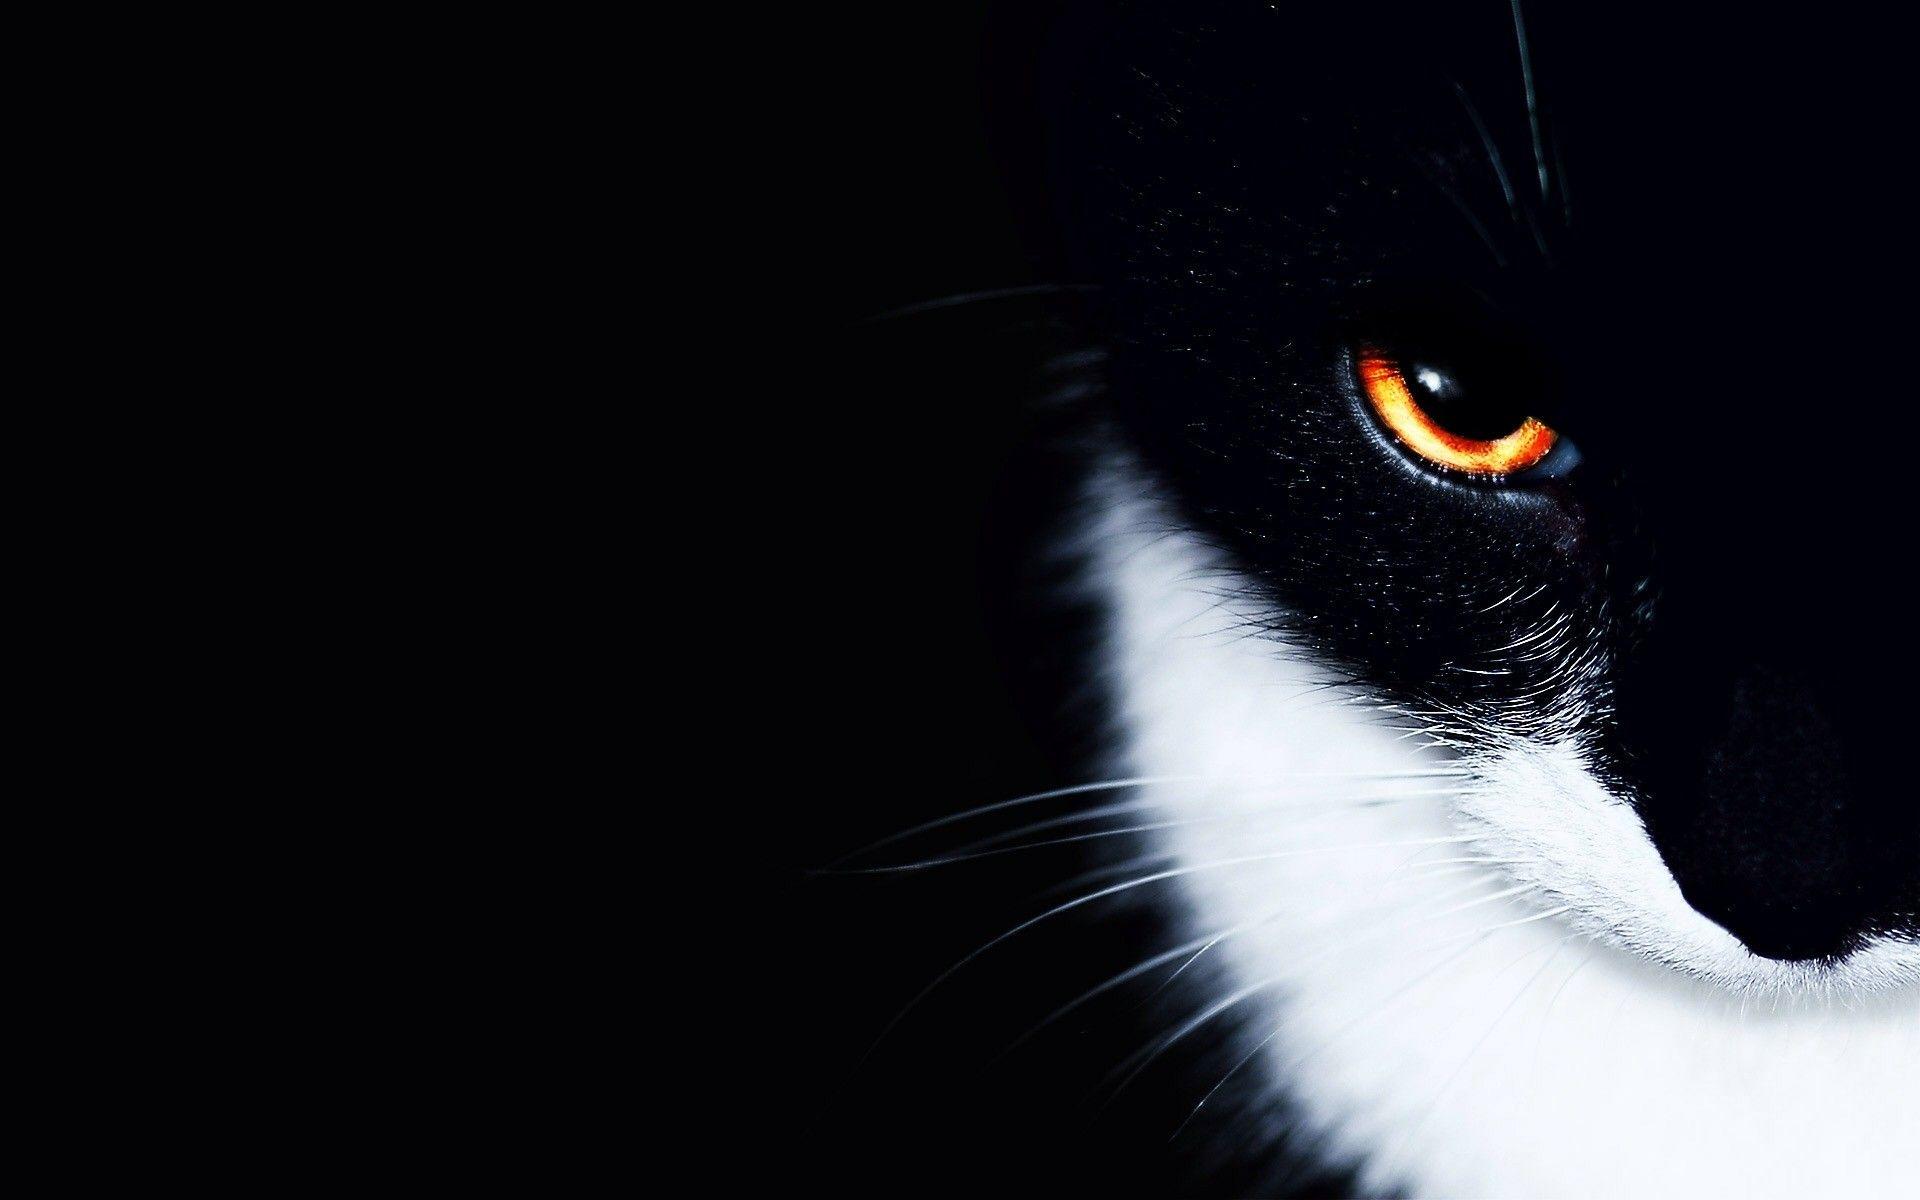 Epingle Par Nicolas Sur Nancy Fond D Ecran Chat Fond D Ecran Mignon Chat Animales